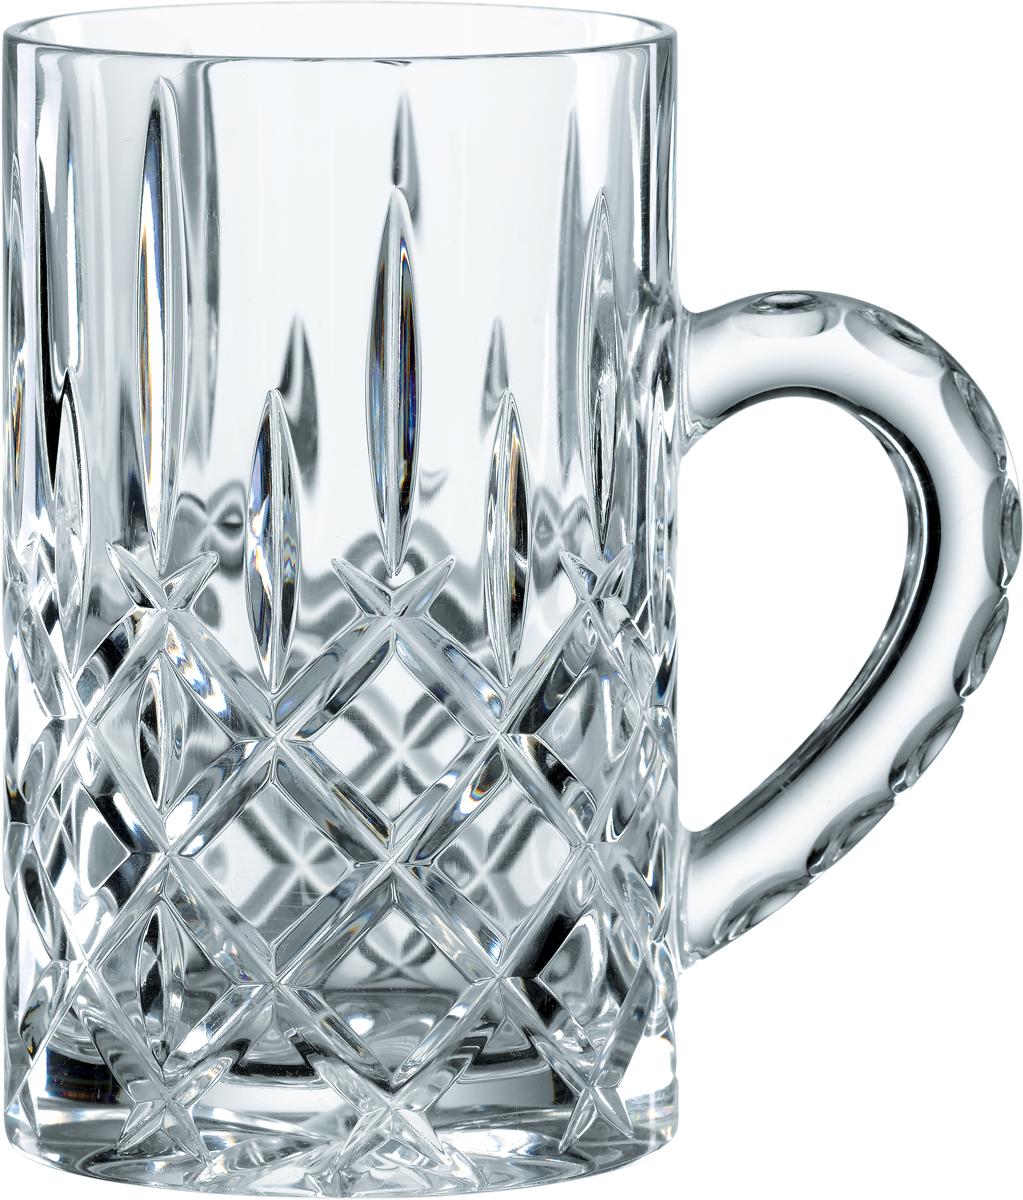 """Набор кружек Nachtmann """"Noblesse"""", выполненный из прозрачного бессвинцового хрусталя с  узором, привлекает внимание классическим сдержанным дизайном и идеально подходит для  многих напитков. Изысканный хрусталь послужит украшением бара и будет великолепно  смотреться на праздничном столе."""